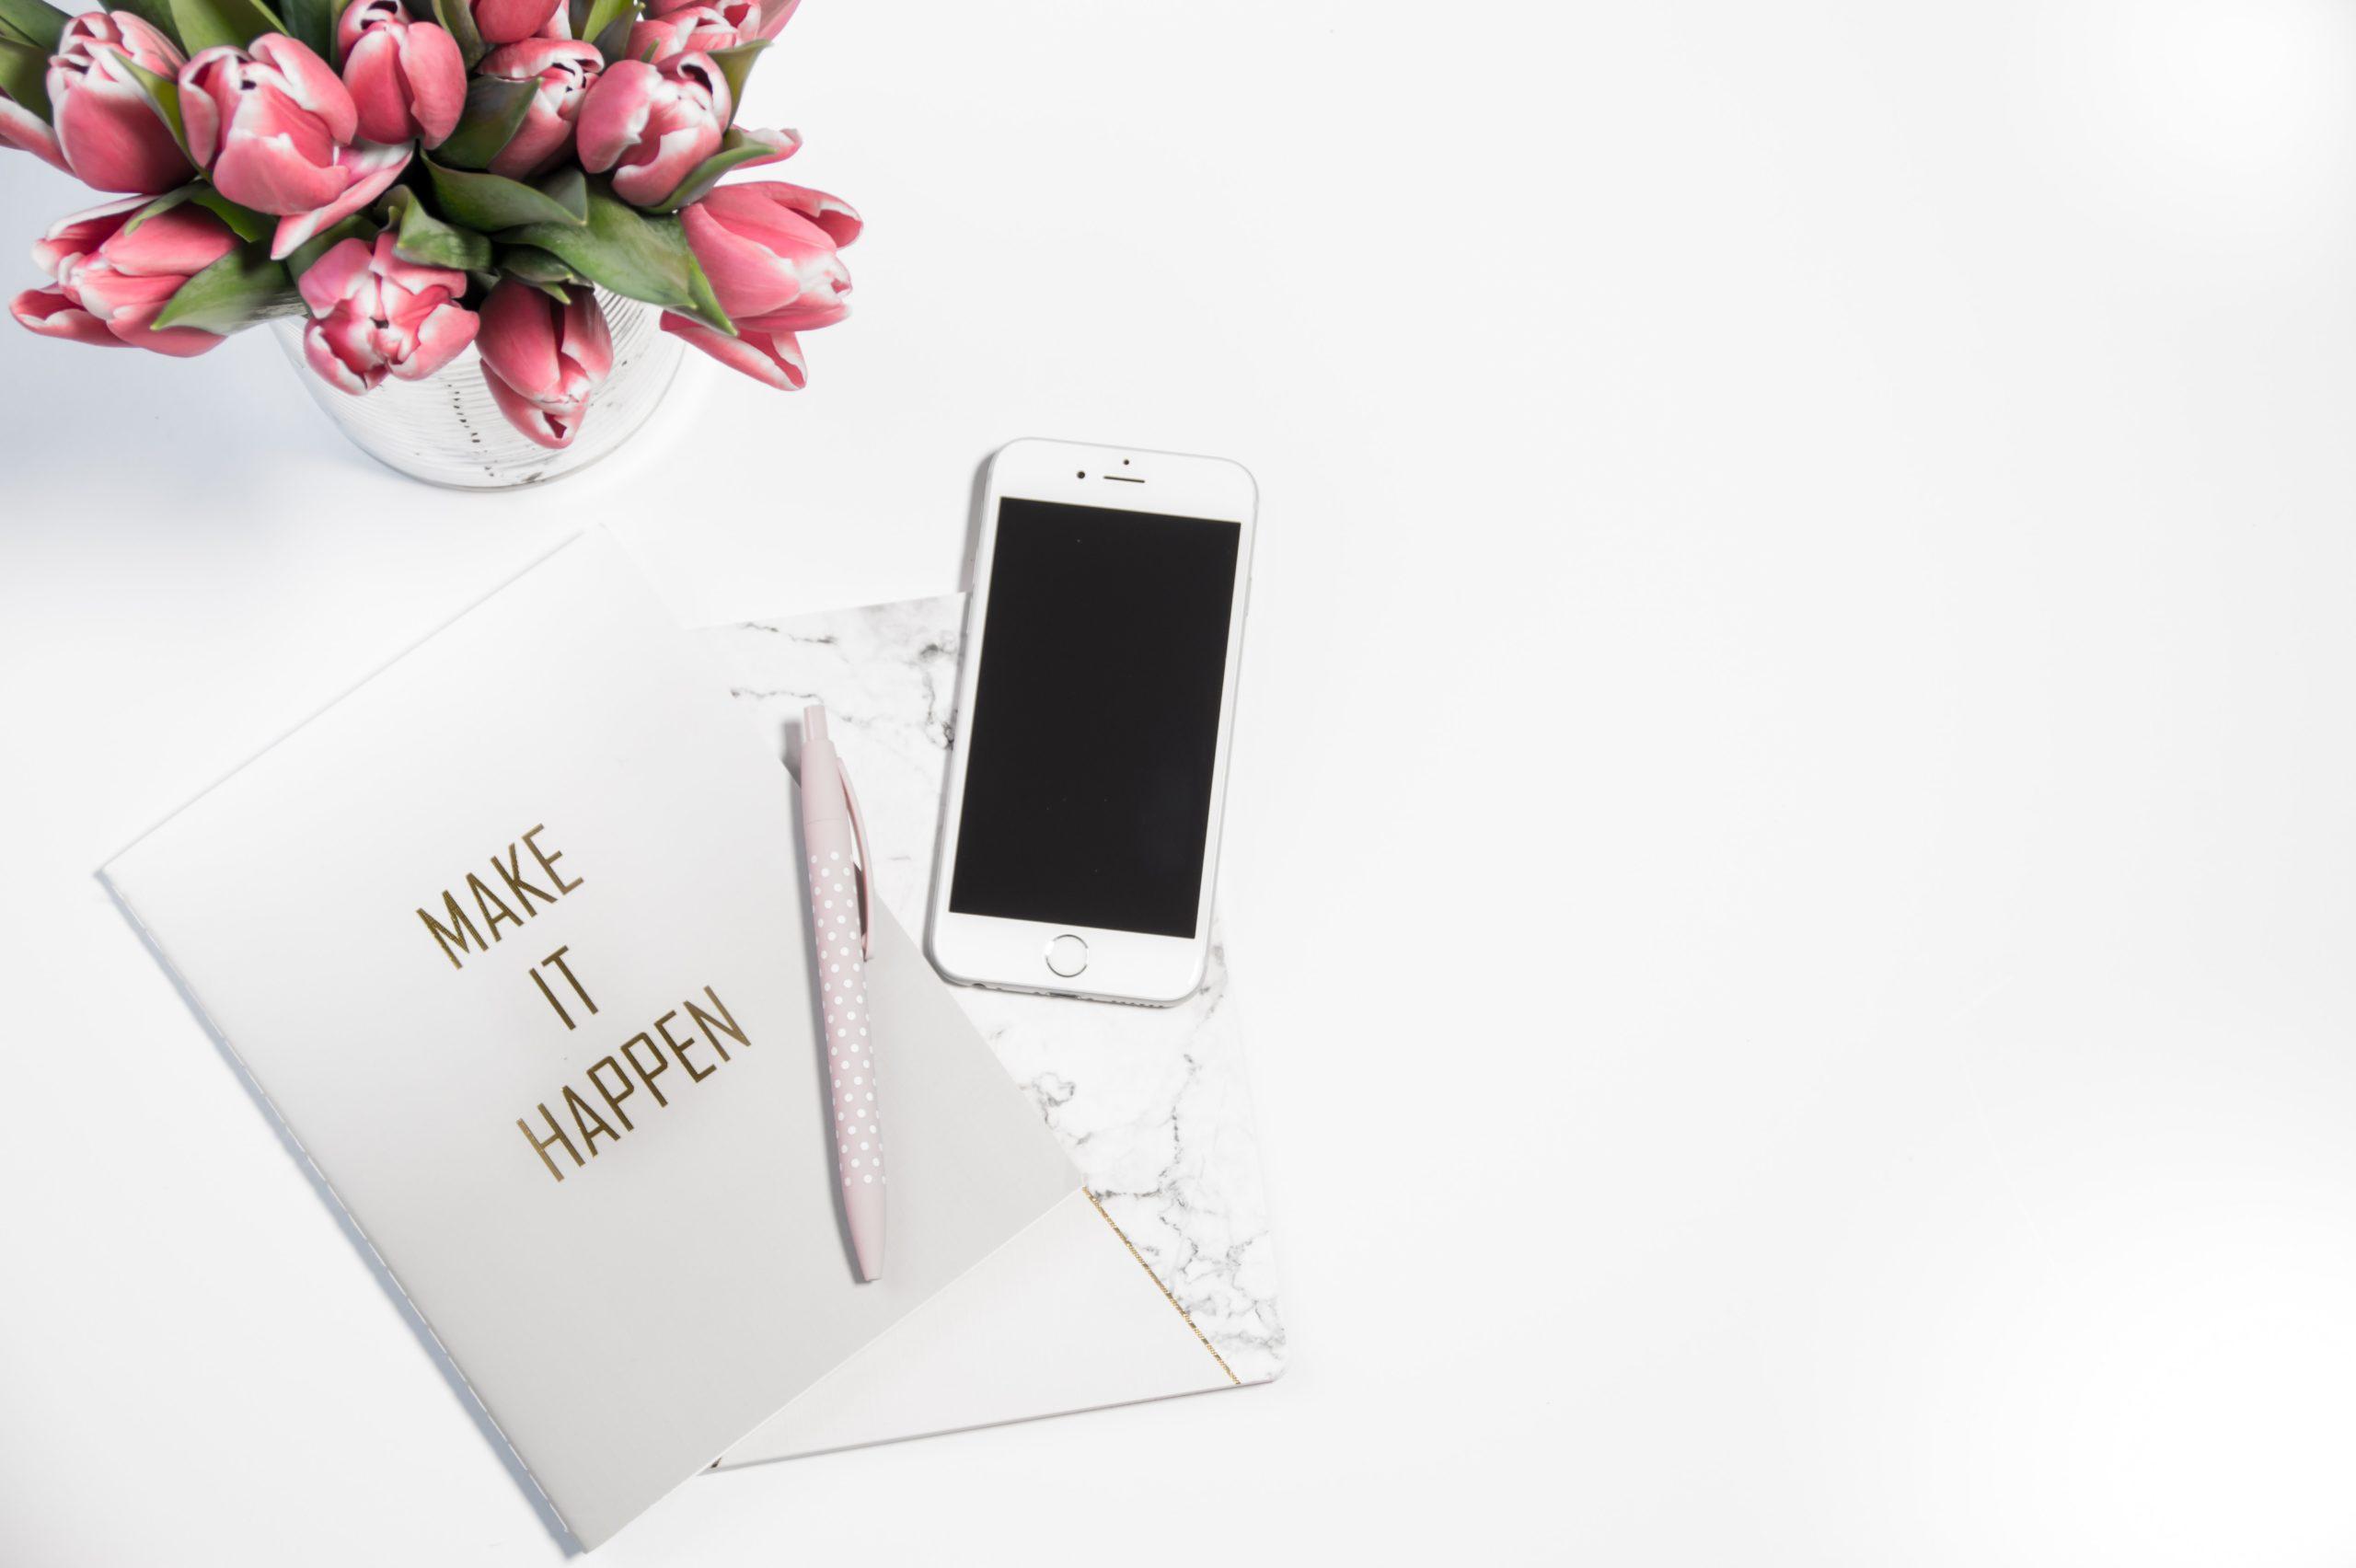 Planificare nunta: TOP 5 aplicatii mobile pentru mirese organizate